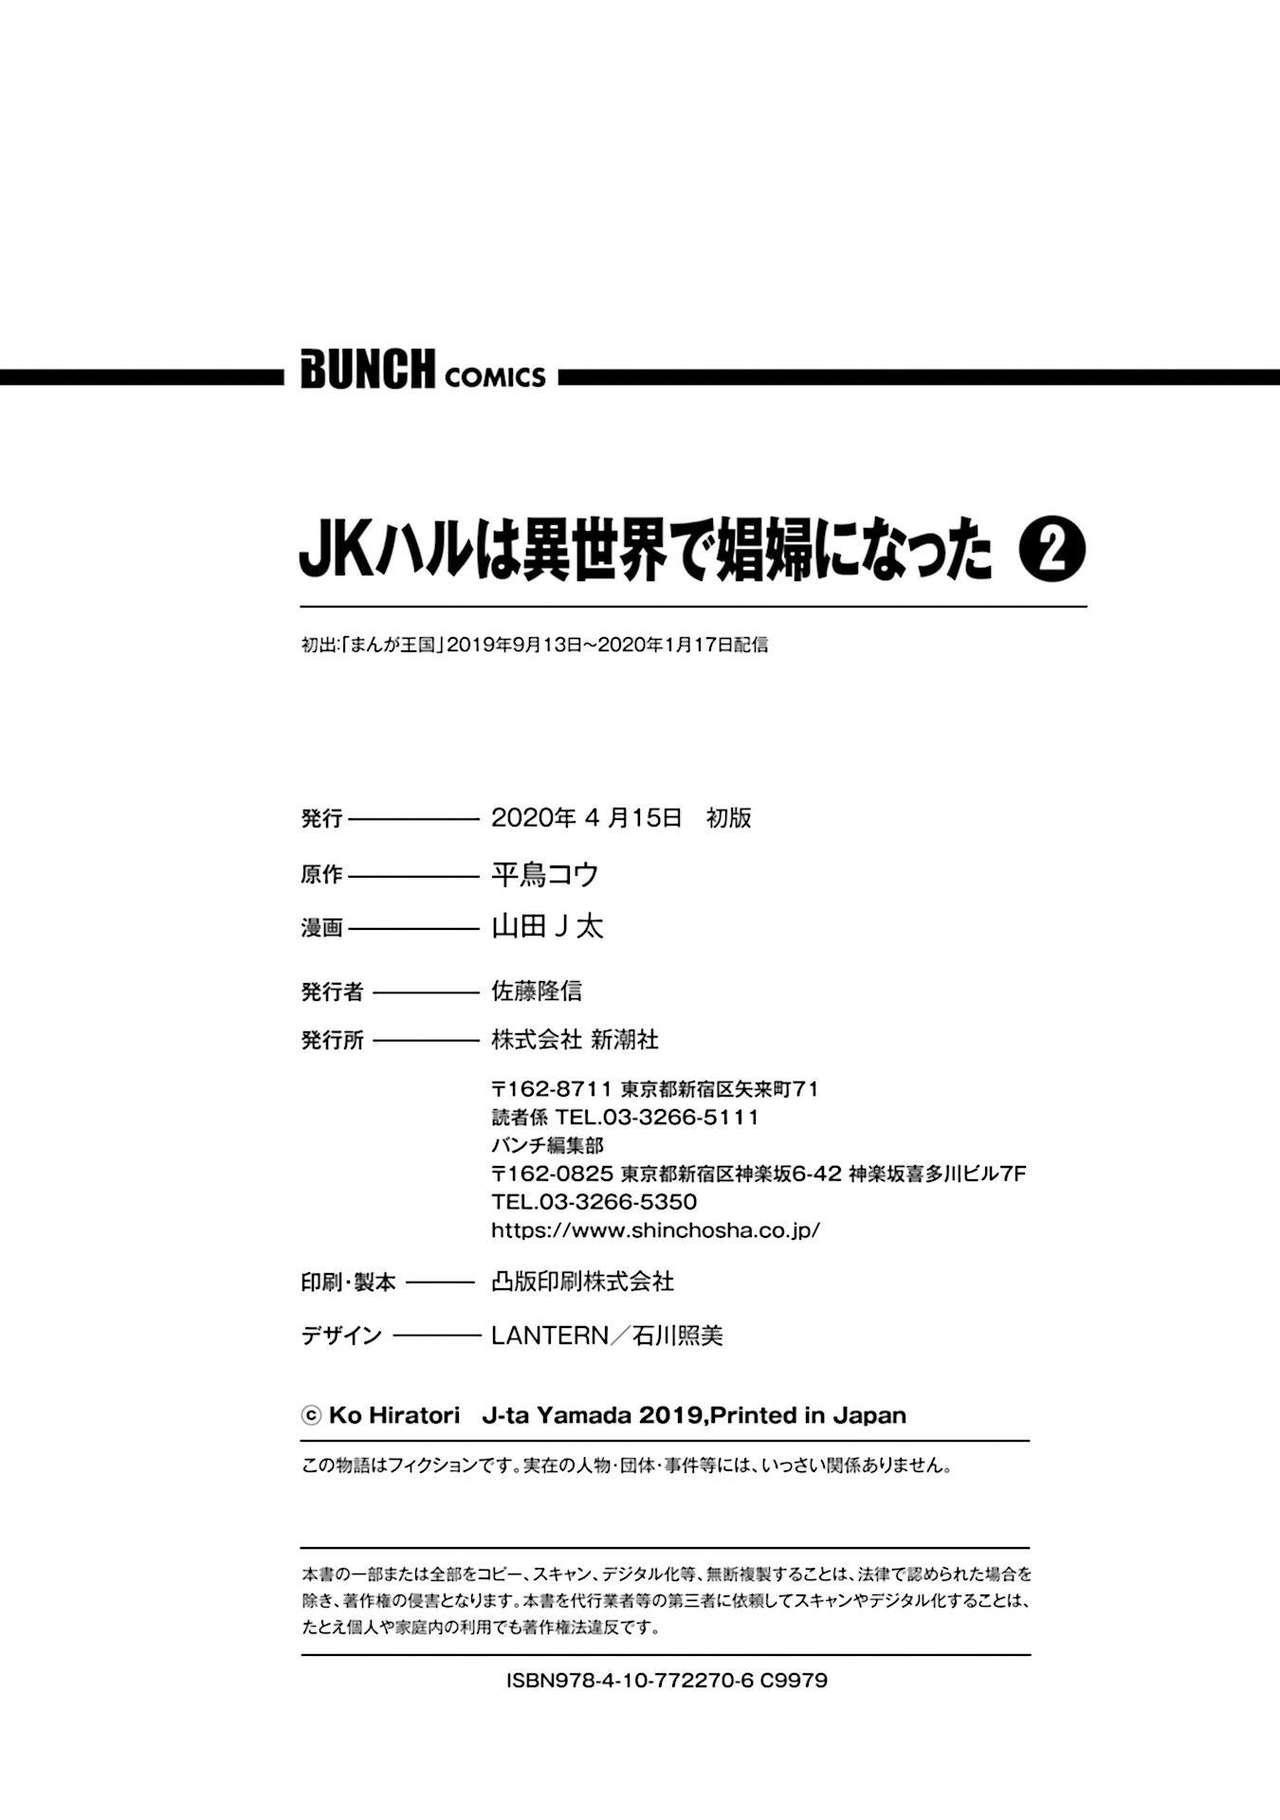 JK Haru wa Isekai de Shoufu ni Natta 1-14 348